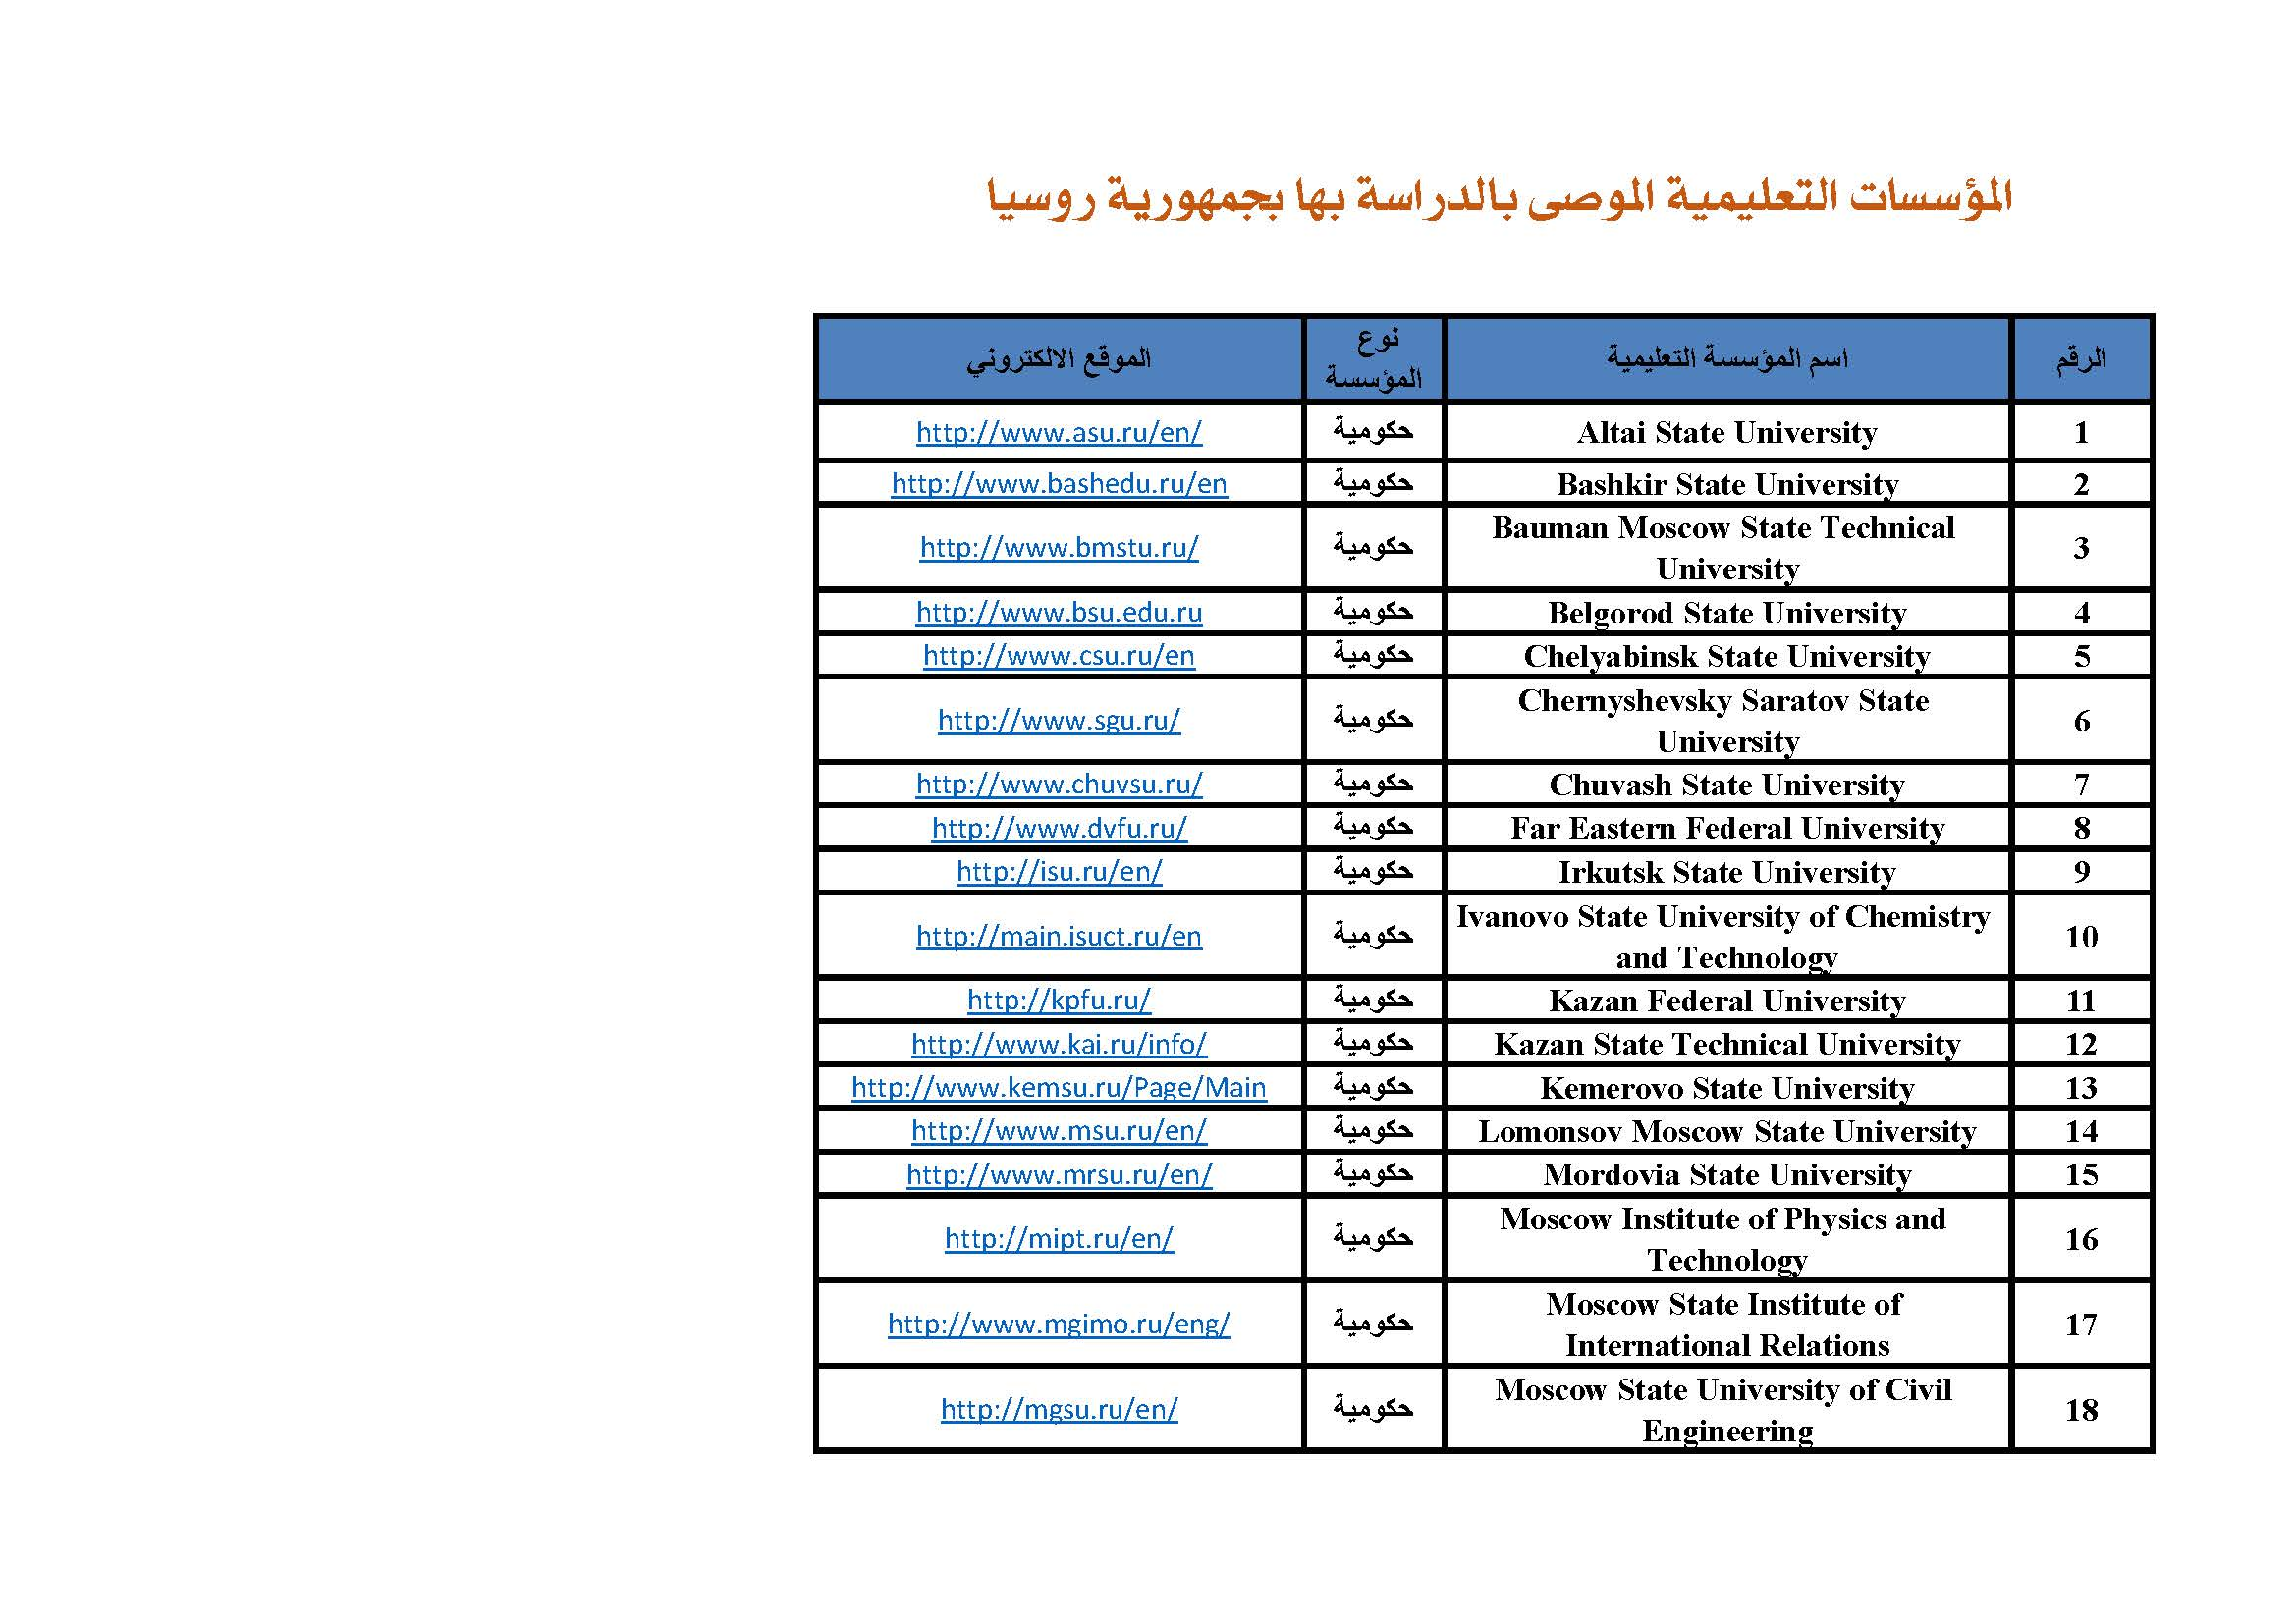 الجامعات الروسية الموصى بها في سلطنة عمان